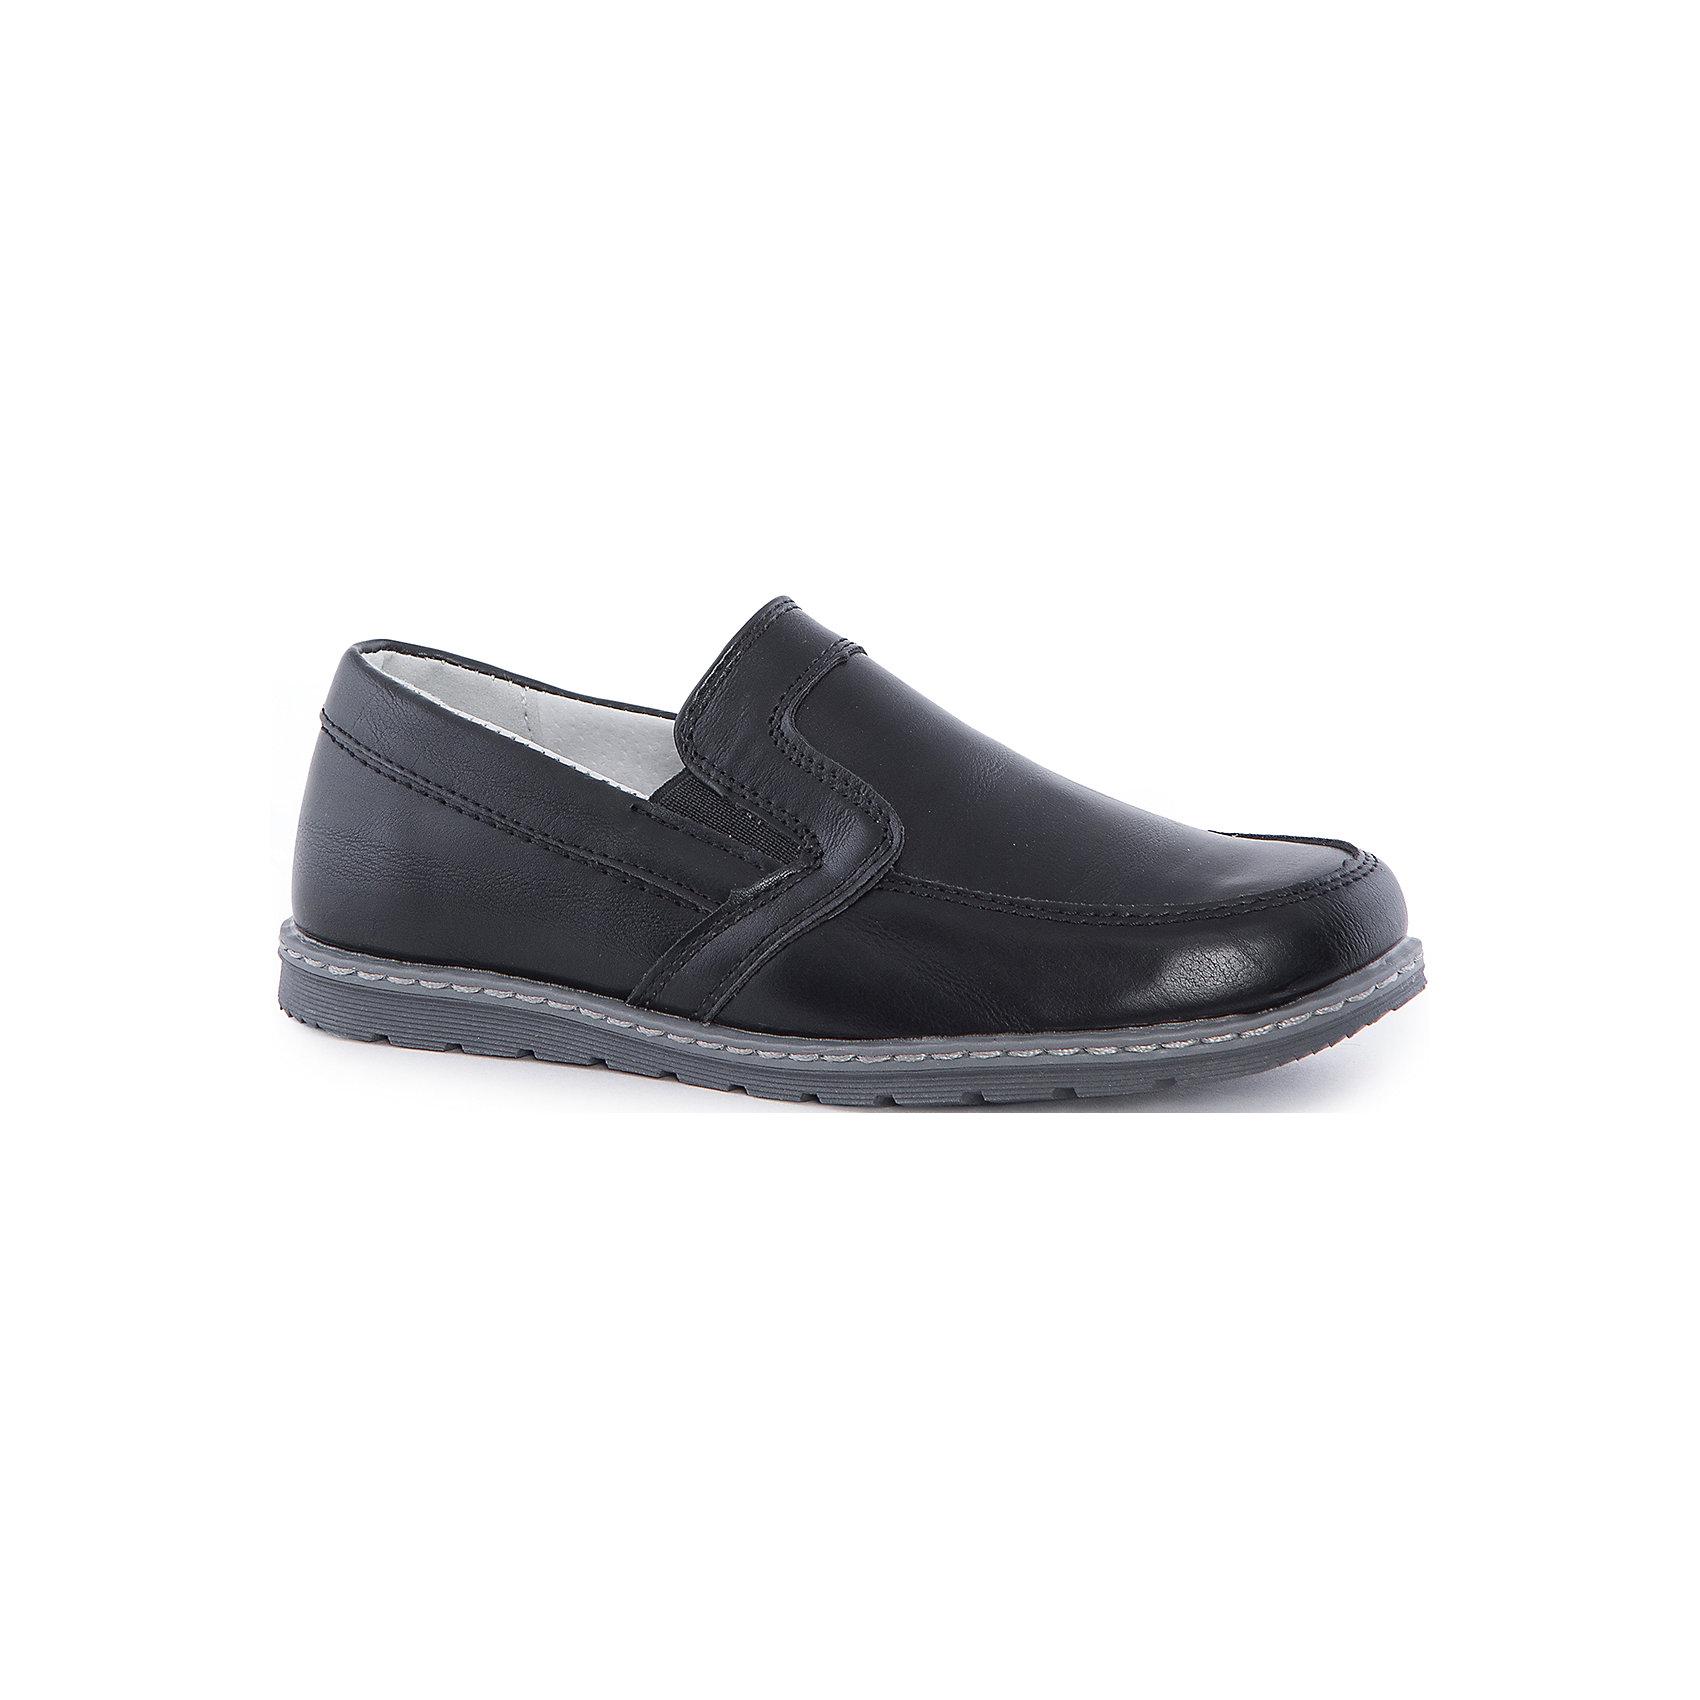 Полуботинки для мальчика MursuНарядная обувь<br>Состав: Материал верха: искусственная кожа; Материал подкладки: натуральная кожа; Материал подошвы: ТЭП; Материал стельки: натуральная кожа.<br><br>Ширина мм: 262<br>Глубина мм: 176<br>Высота мм: 97<br>Вес г: 427<br>Цвет: черный<br>Возраст от месяцев: 144<br>Возраст до месяцев: 156<br>Пол: Мужской<br>Возраст: Детский<br>Размер: 36,32,37,34,35,33<br>SKU: 4861632